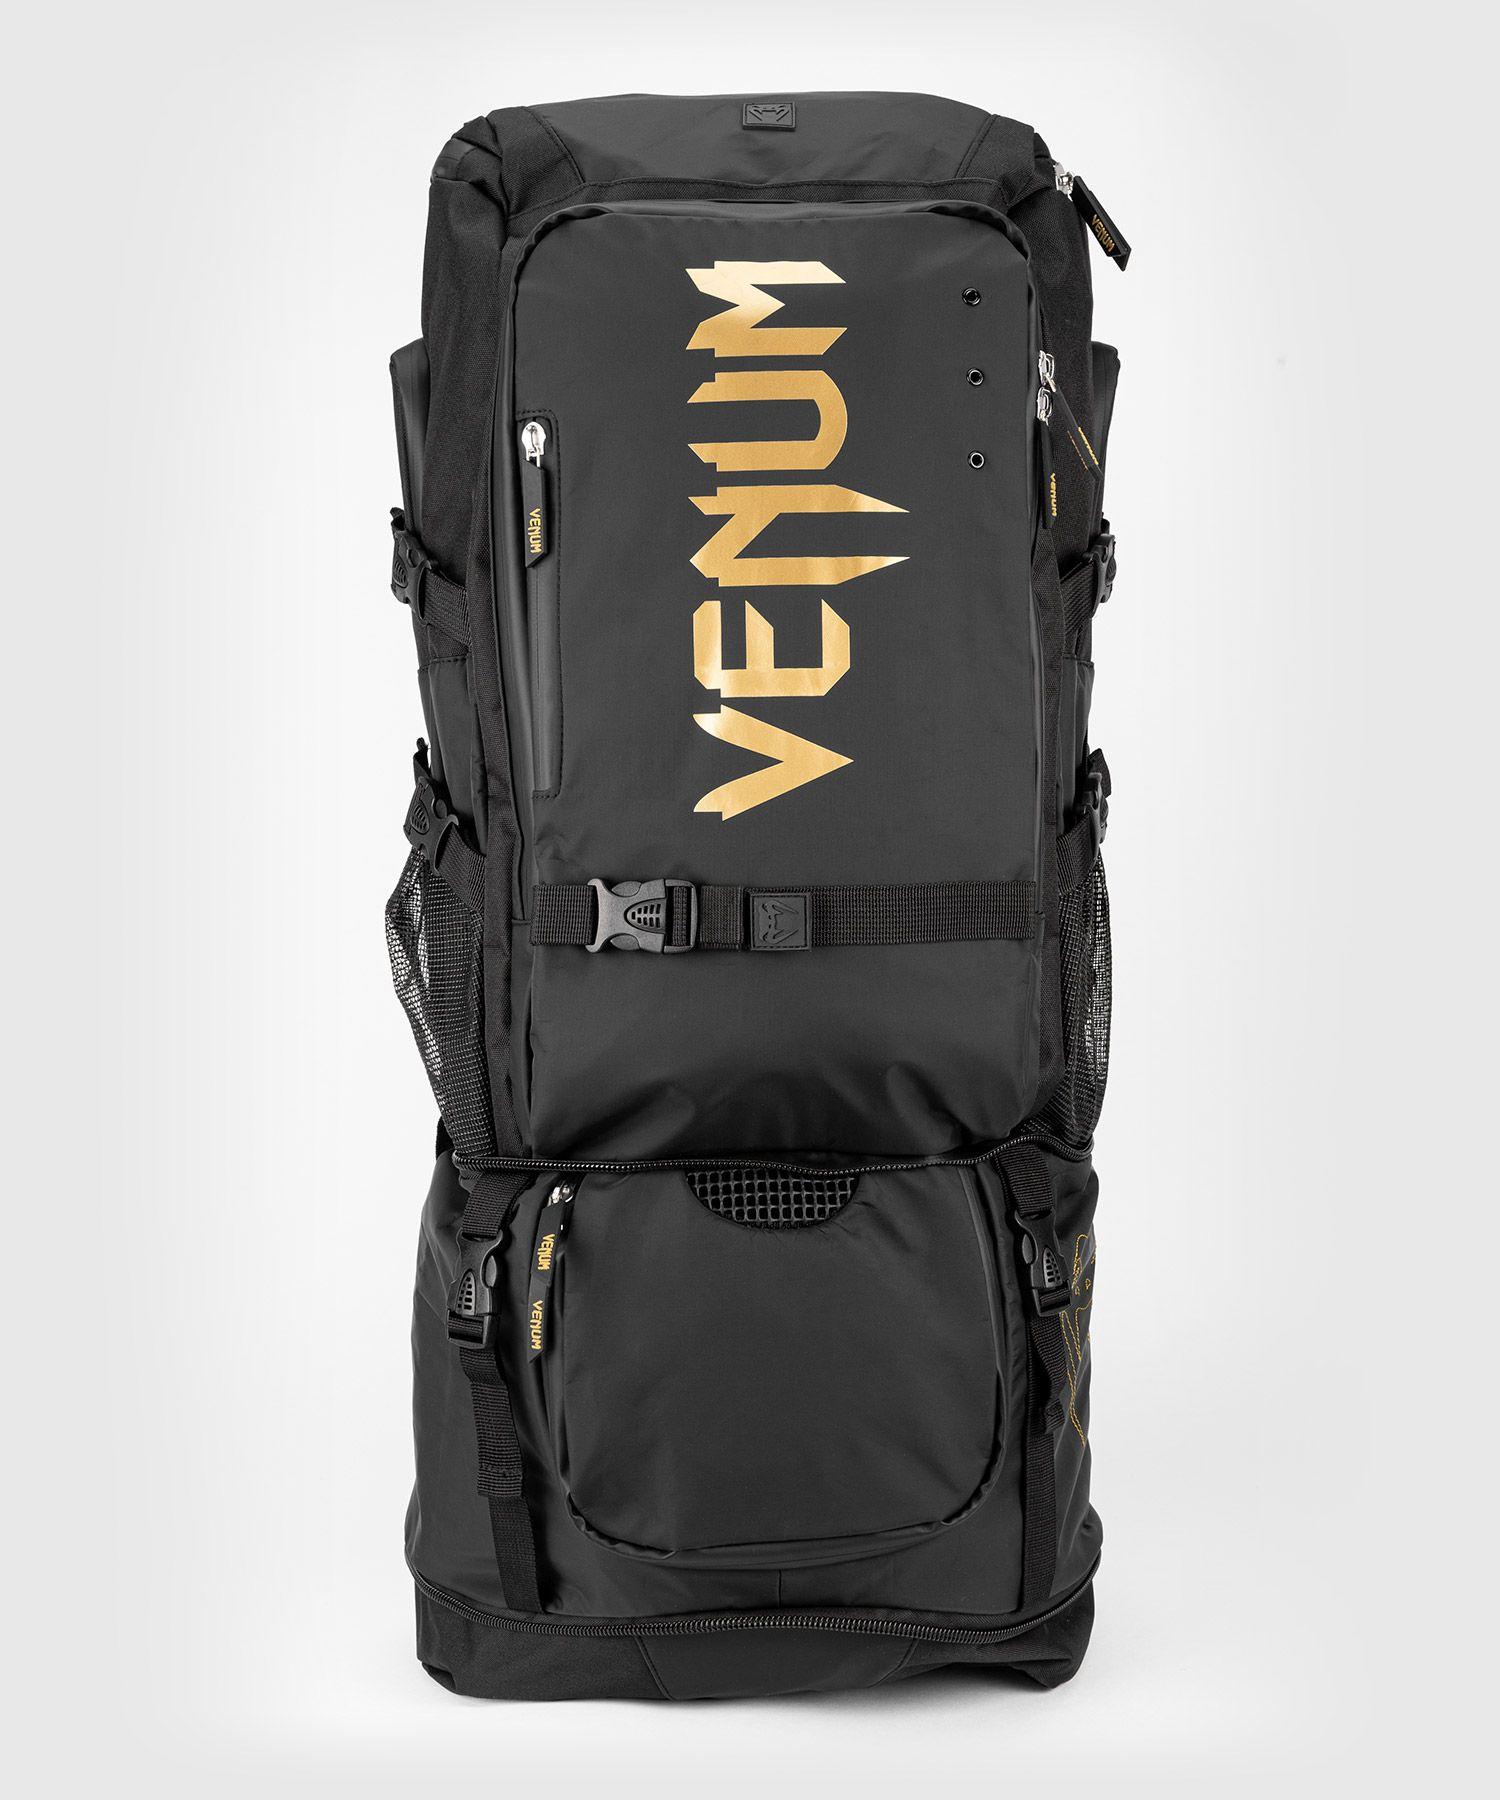 Mochila Venum Challenger Xtreme Evo - Negro/Oro